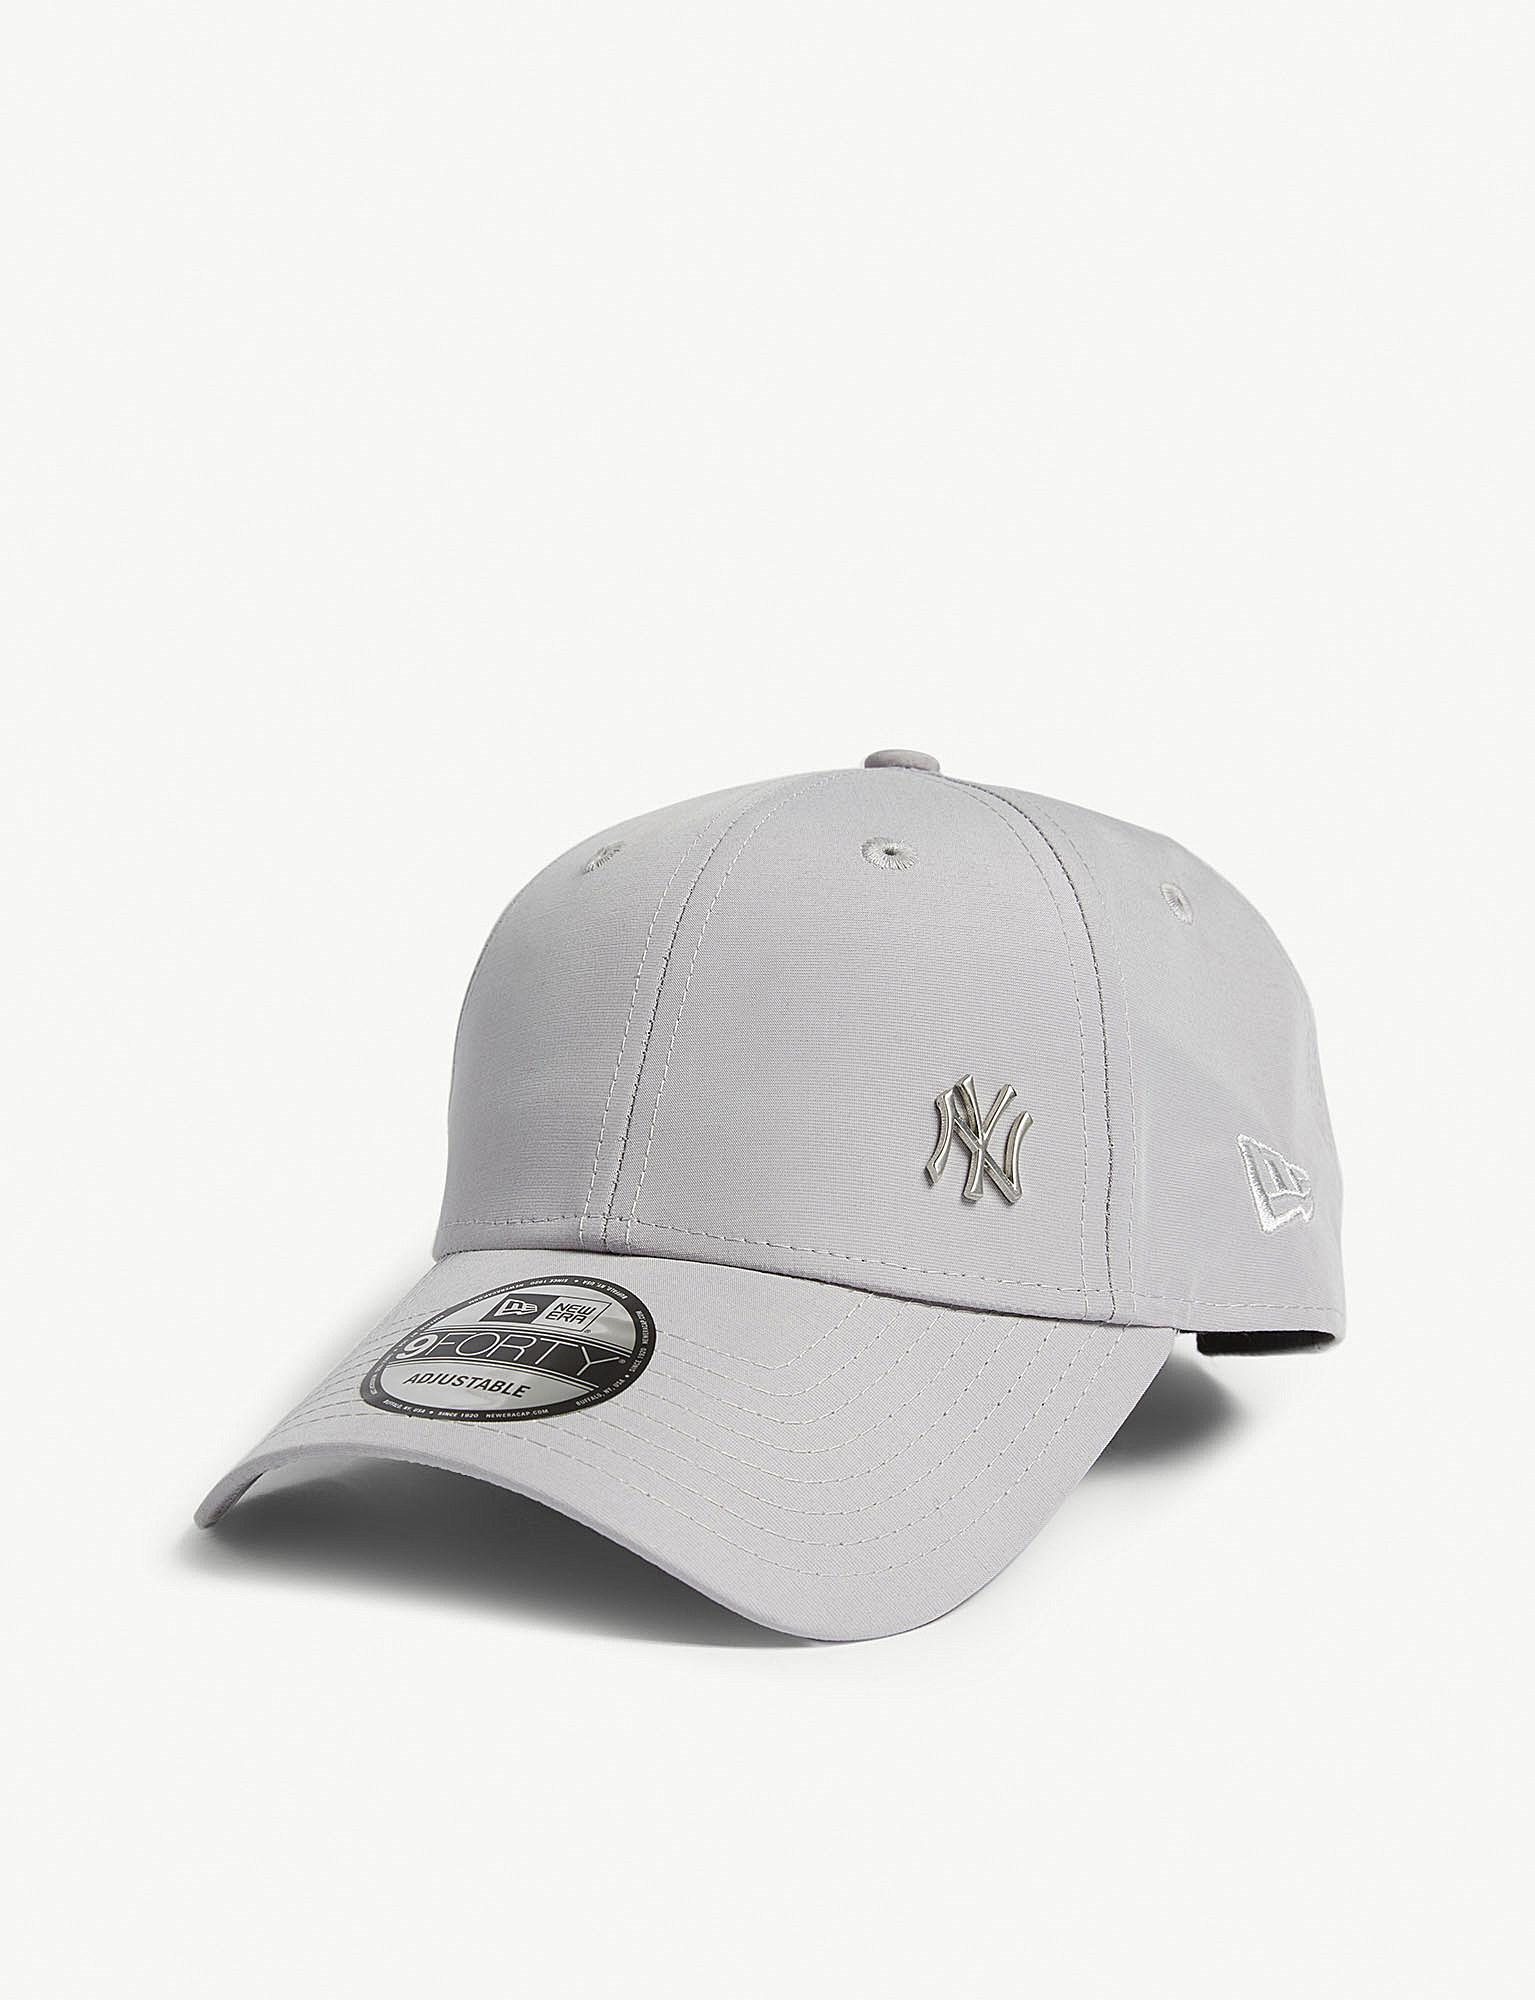 b5857cdf3c1 Lyst - Ktz New York Yankees 9forty Baseball Cap in Gray for Men